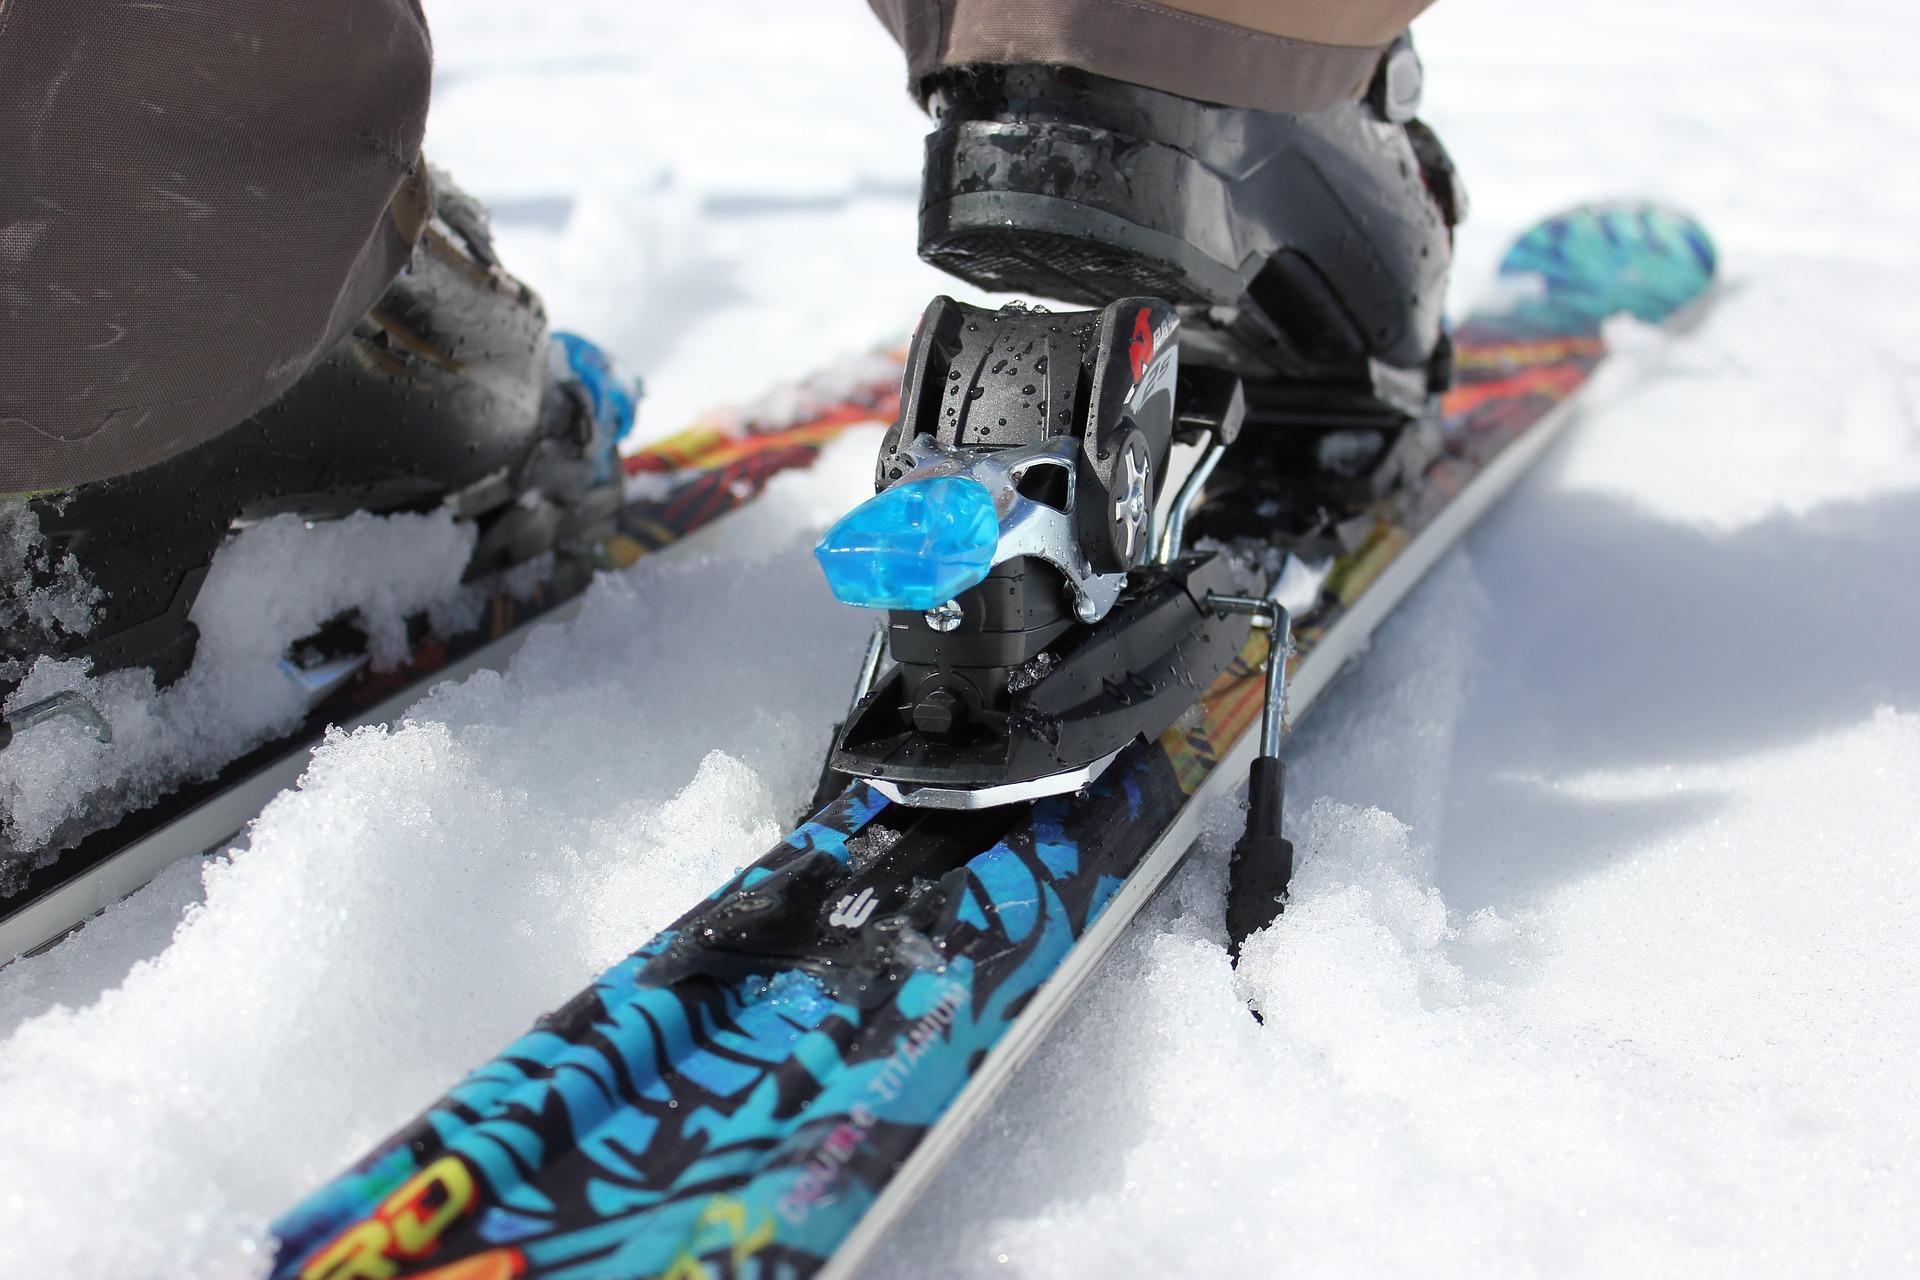 Первую освещенную лыжную трассу начали строить в Дзержинске - фото 1